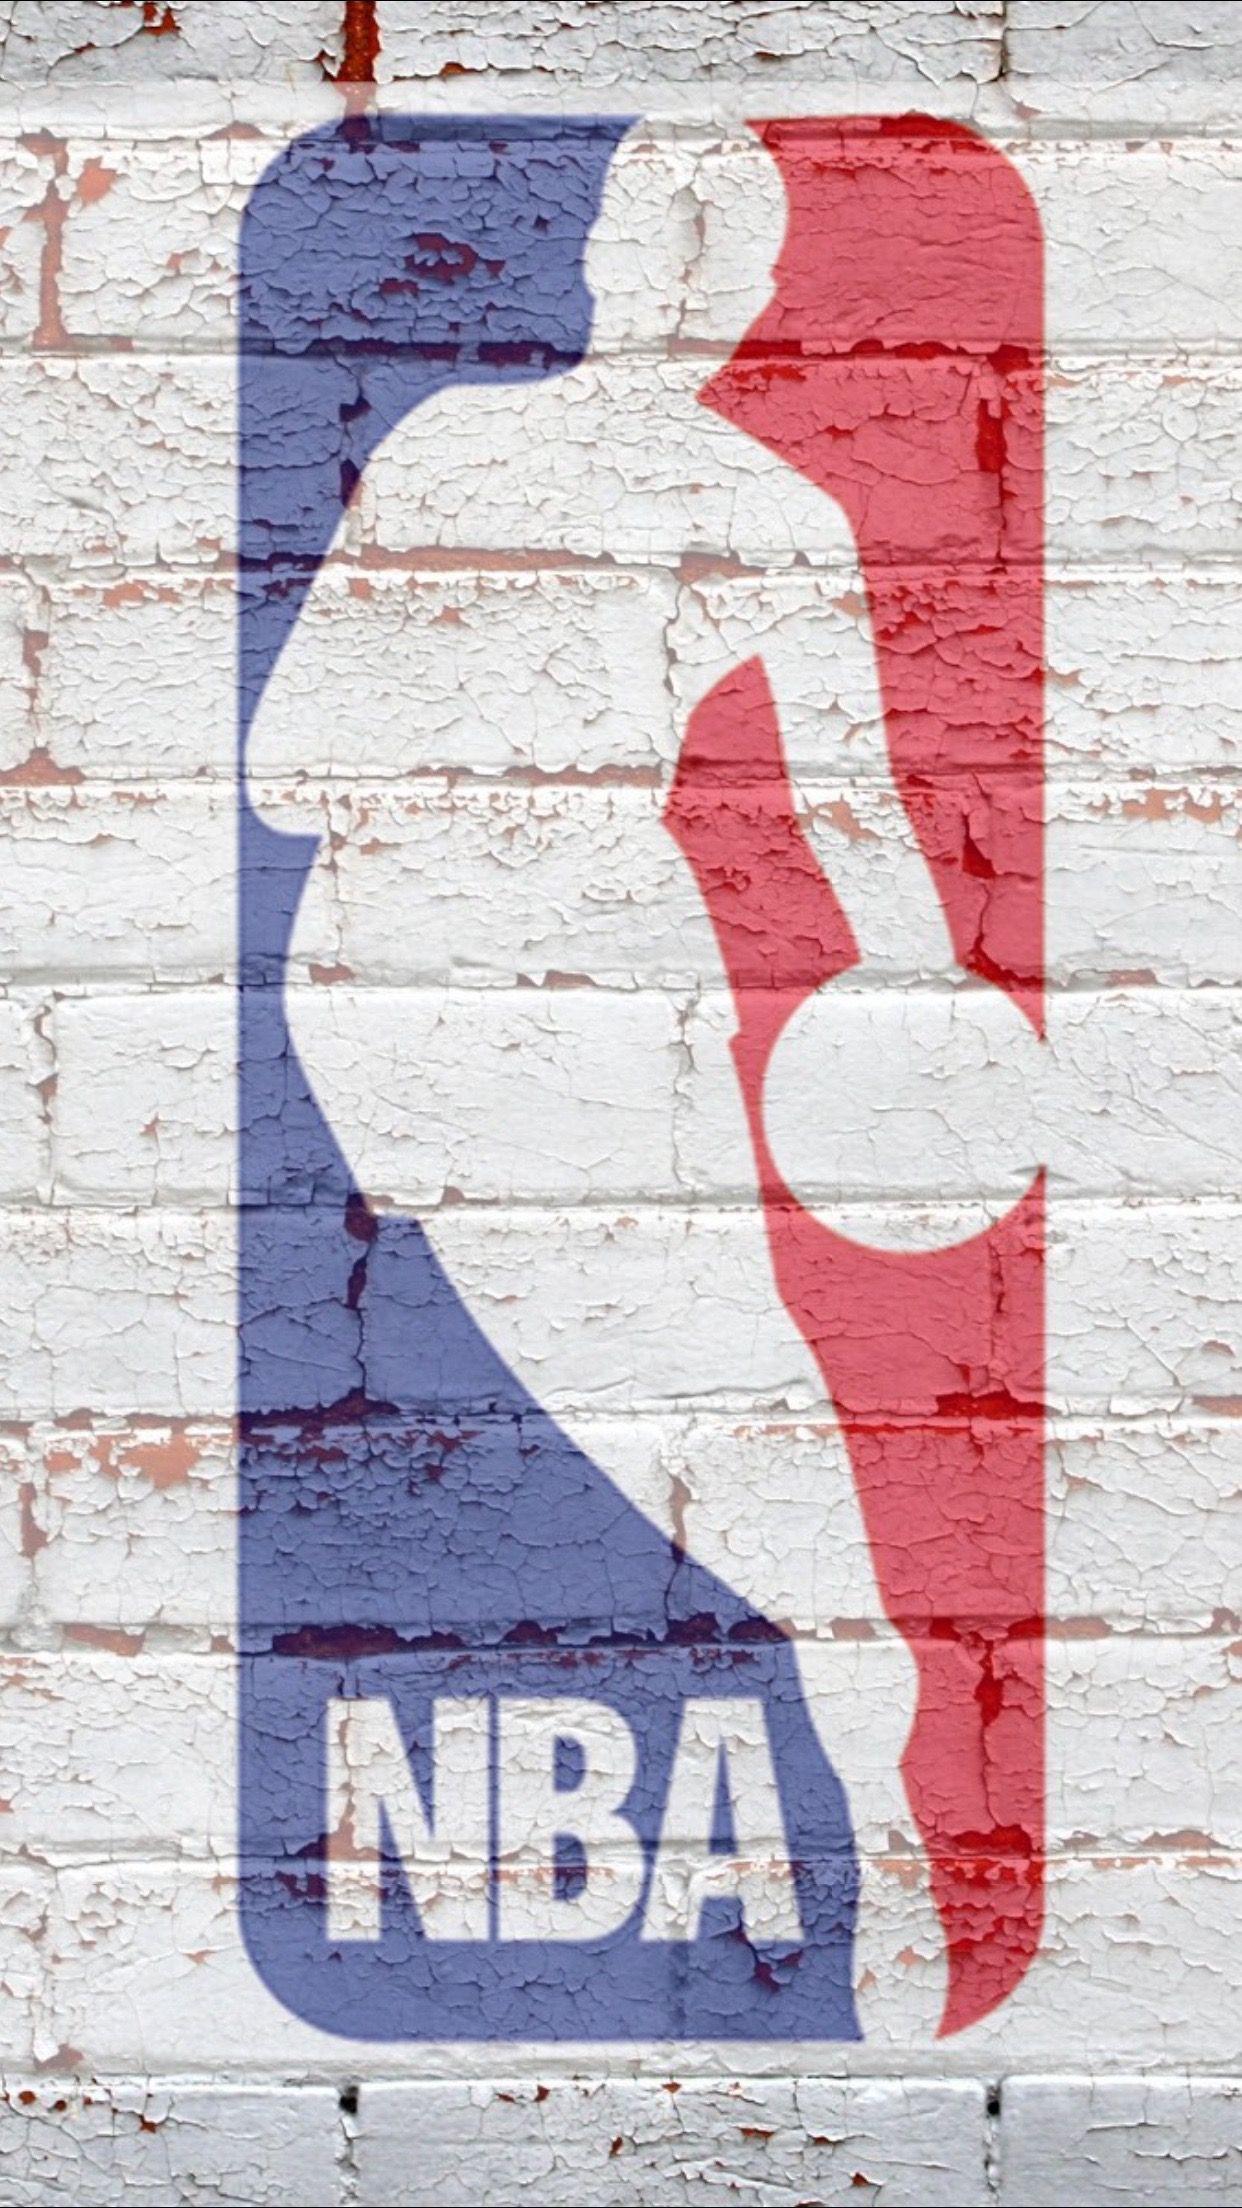 Nba Logo 3wallpapers Iphone Parallax Nba Logo Nba Basketball Art Basketball Iphone Wallpaper